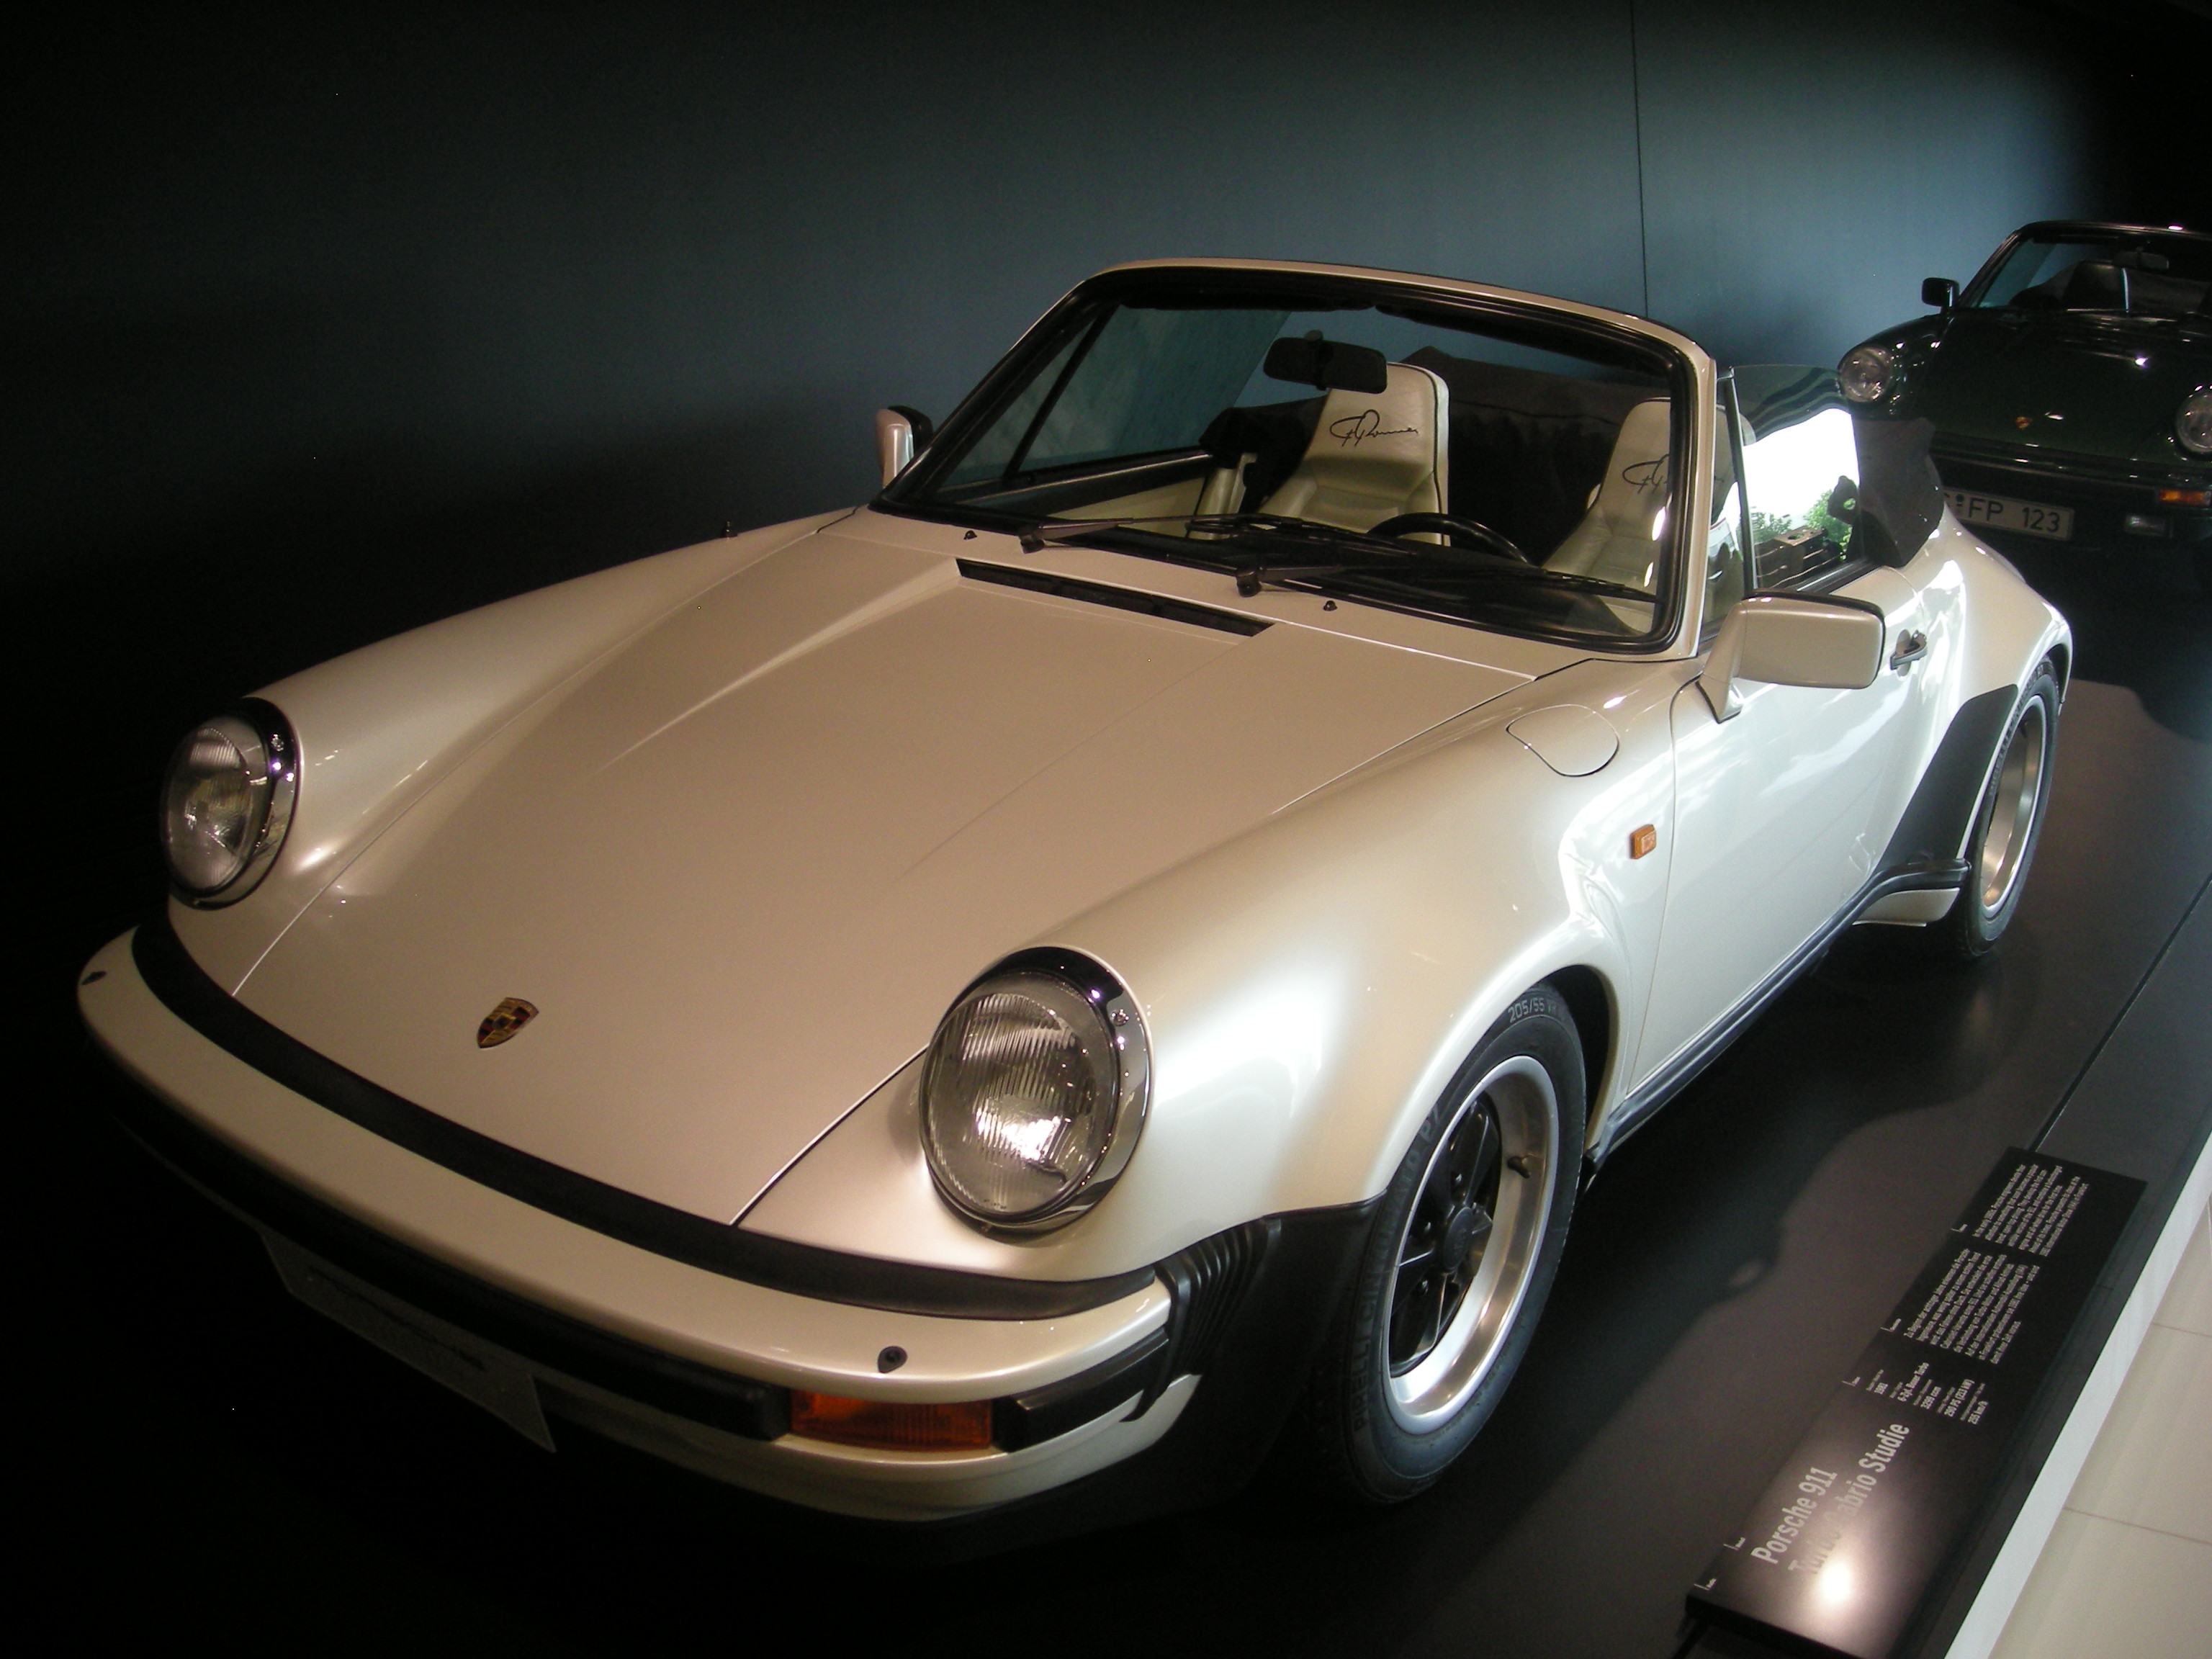 Filestuttgart jul 2012 43 porsche museum 1981 porsche 911 filestuttgart jul 2012 43 porsche museum 1981 porsche 911 turbo cabrio studie vanachro Gallery